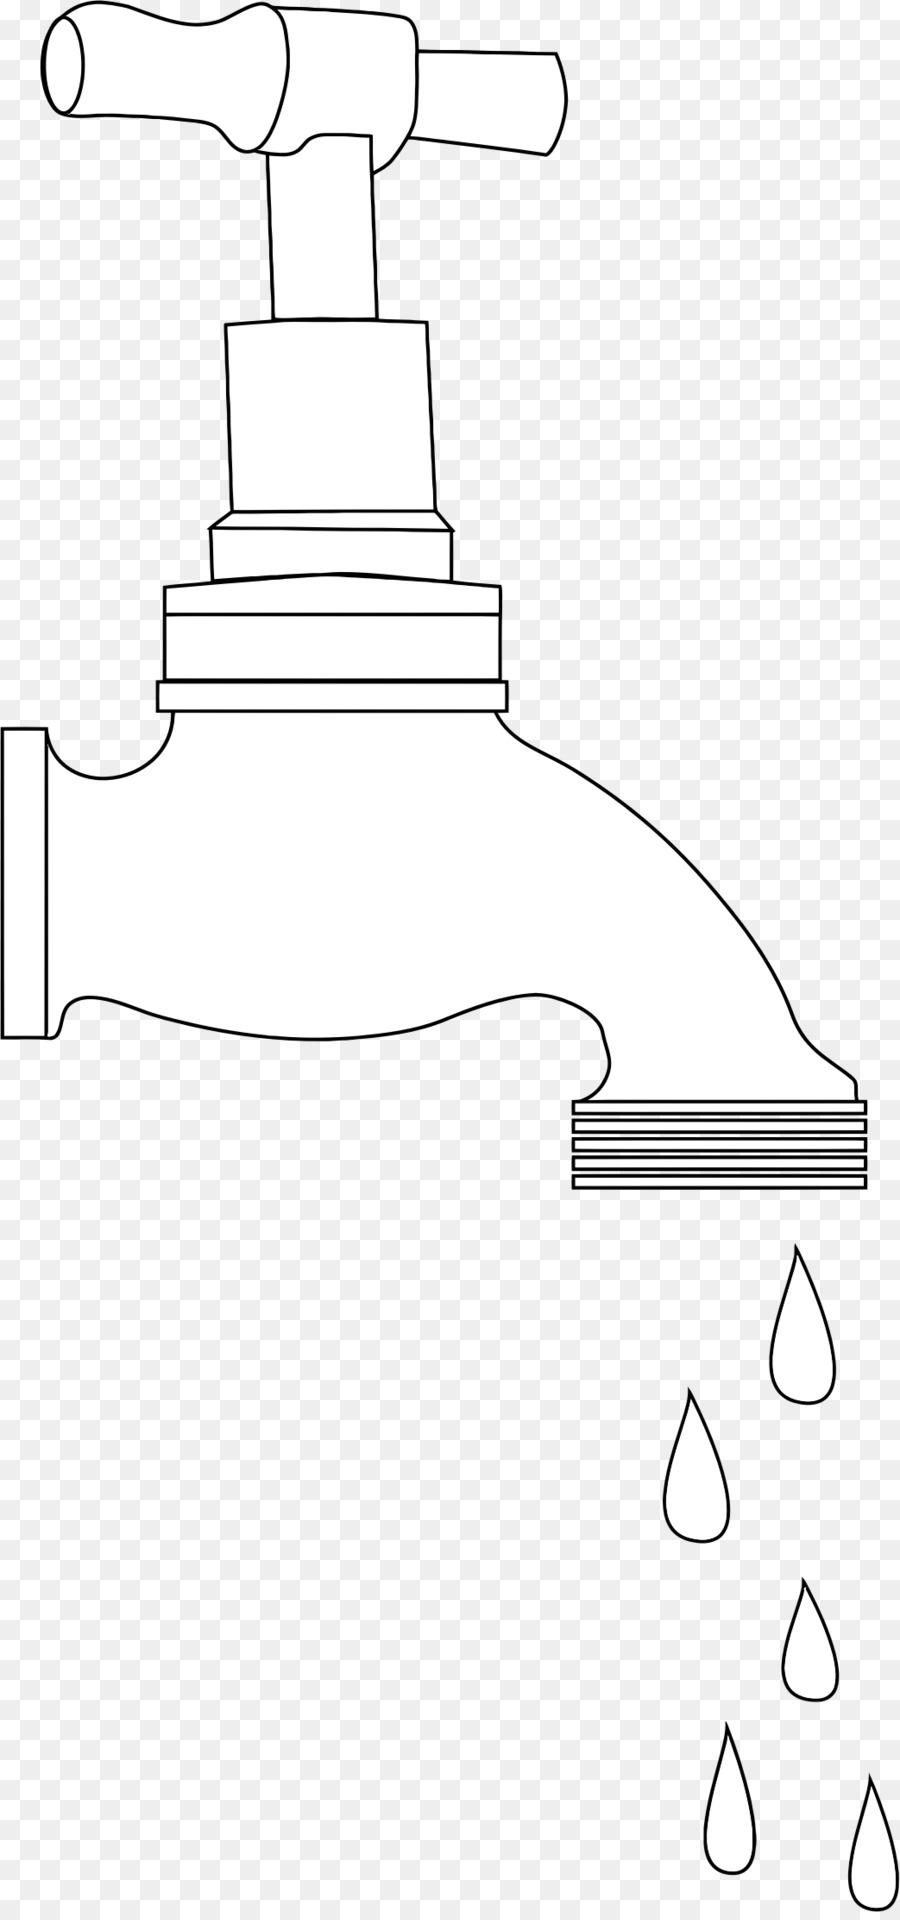 картинки раскраска кран с водой приятного внешнего